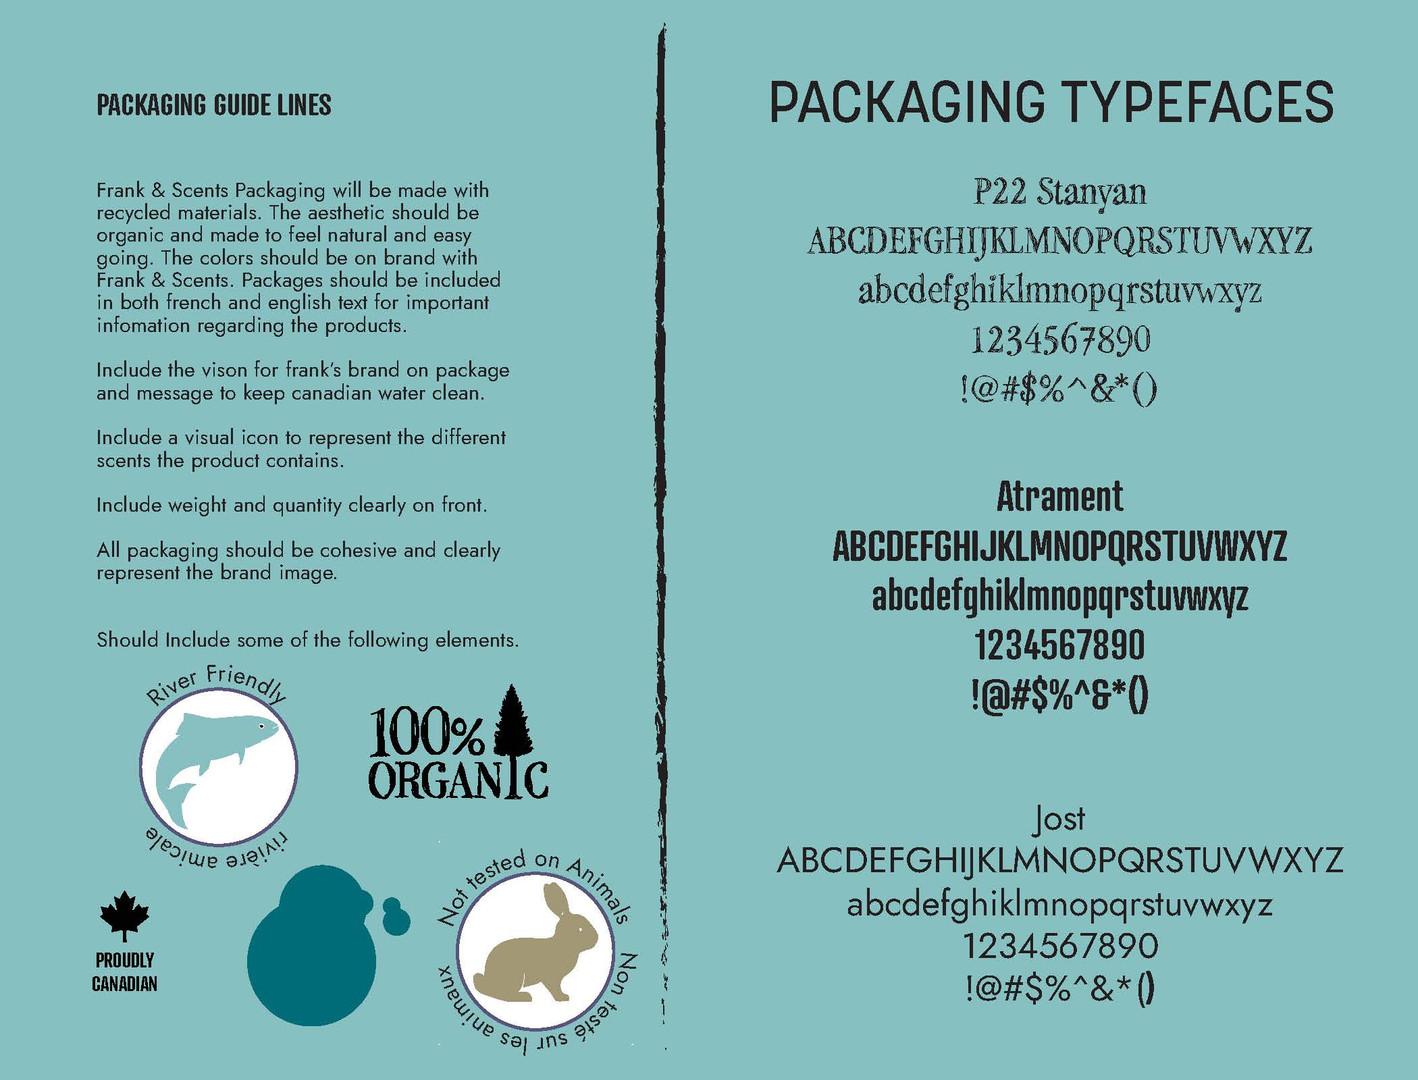 packaging rules